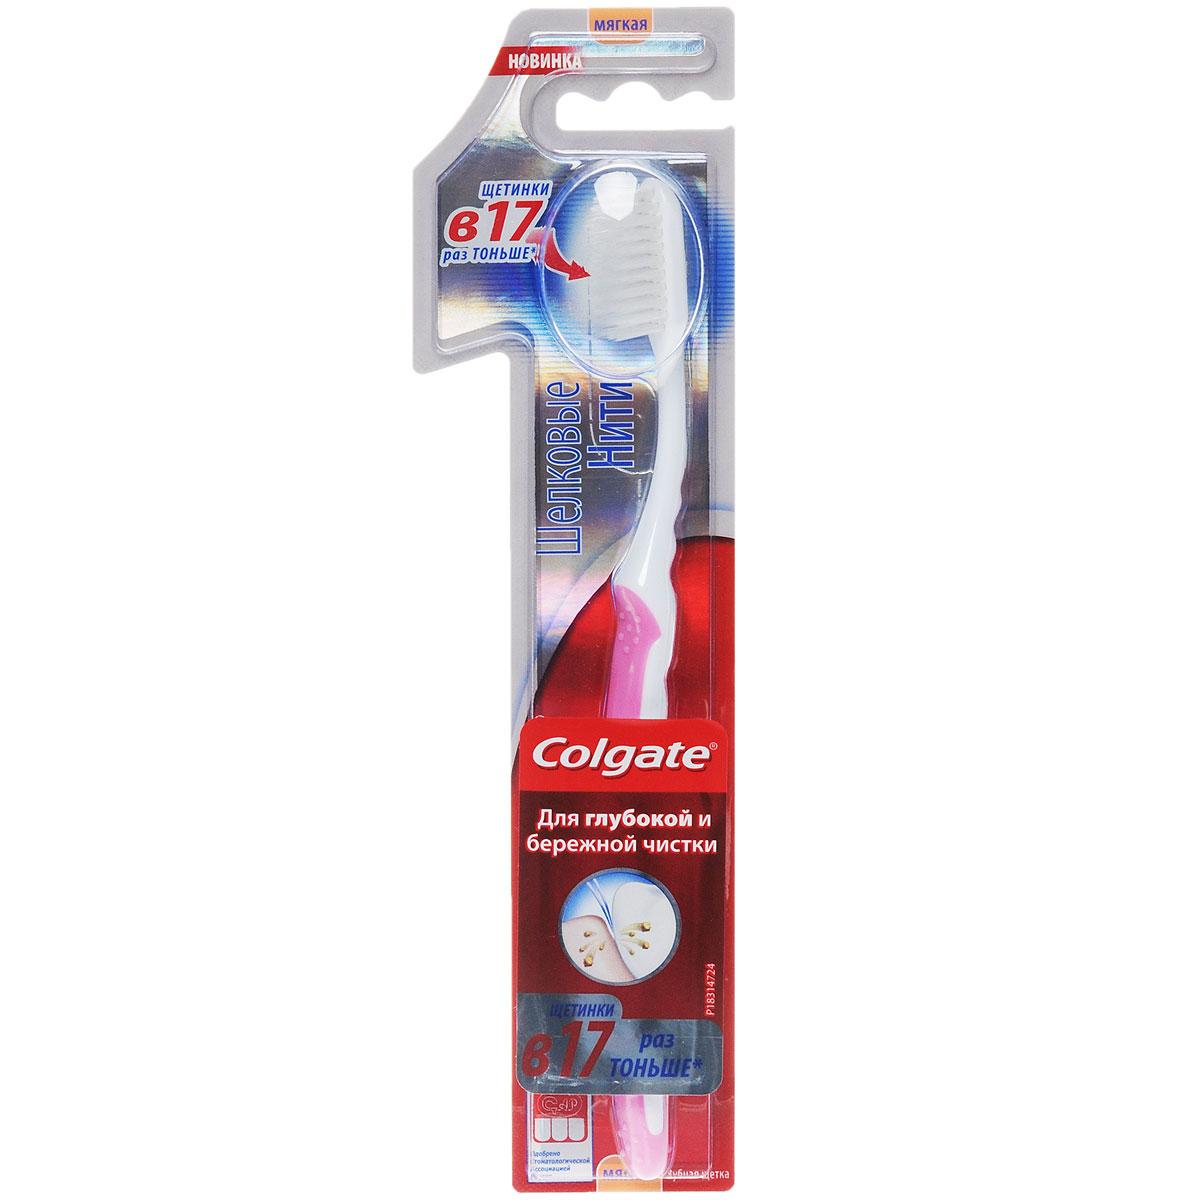 Colgate Зубная щетка Шелковые нити, с мягкой щетиной, цвет: розовыйFCN21701_розовыйColgate Шелковые нити - зубная щетка с мягкой щетиной. Специально разработанные щетинки зубной щетки в 17 раз тоньше и лучше удаляют зубной налет, остатки пищи из межзубных промежутков и вдоль линии десен. Эргономичная рифленая ручка не скользит в ладони, амортизирует давление руки на нежную поверхность десен. Товар сертифицирован. Длина щетки: 19,5 см. Размер рабочей поверхности: 3 см х 1,5 см. Материал: пластик.